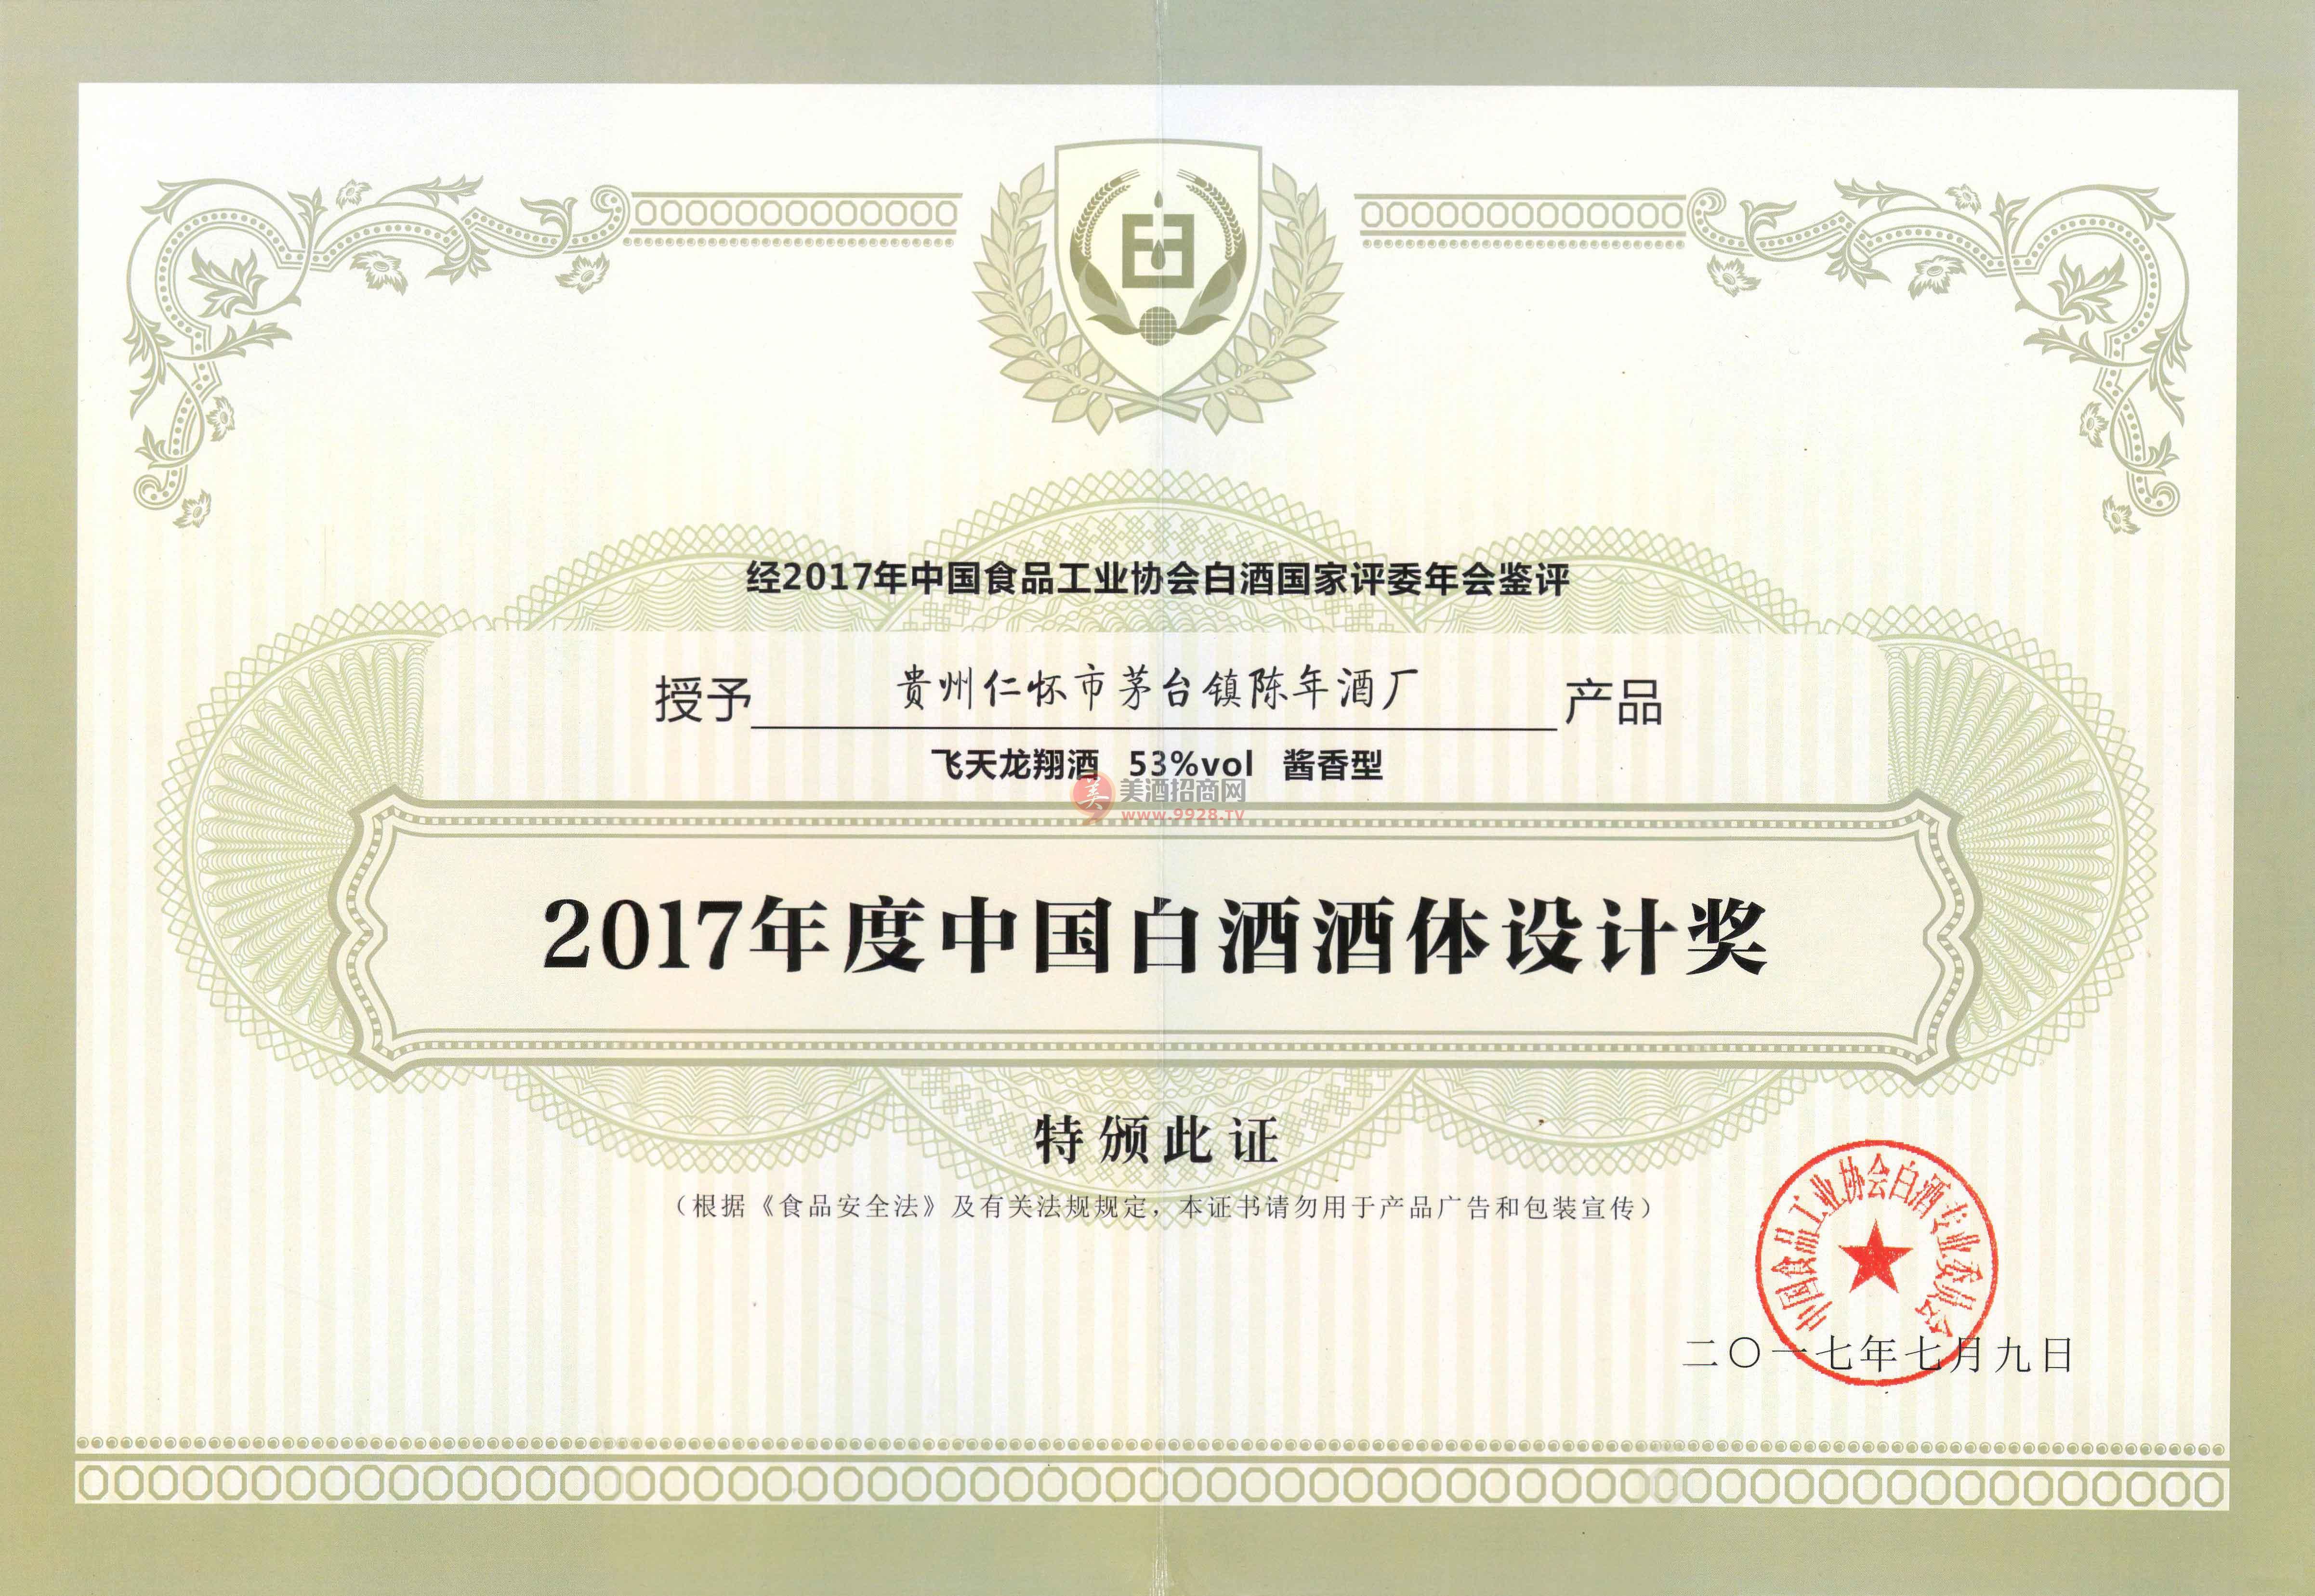 2017年度中国白酒酒体设计奖